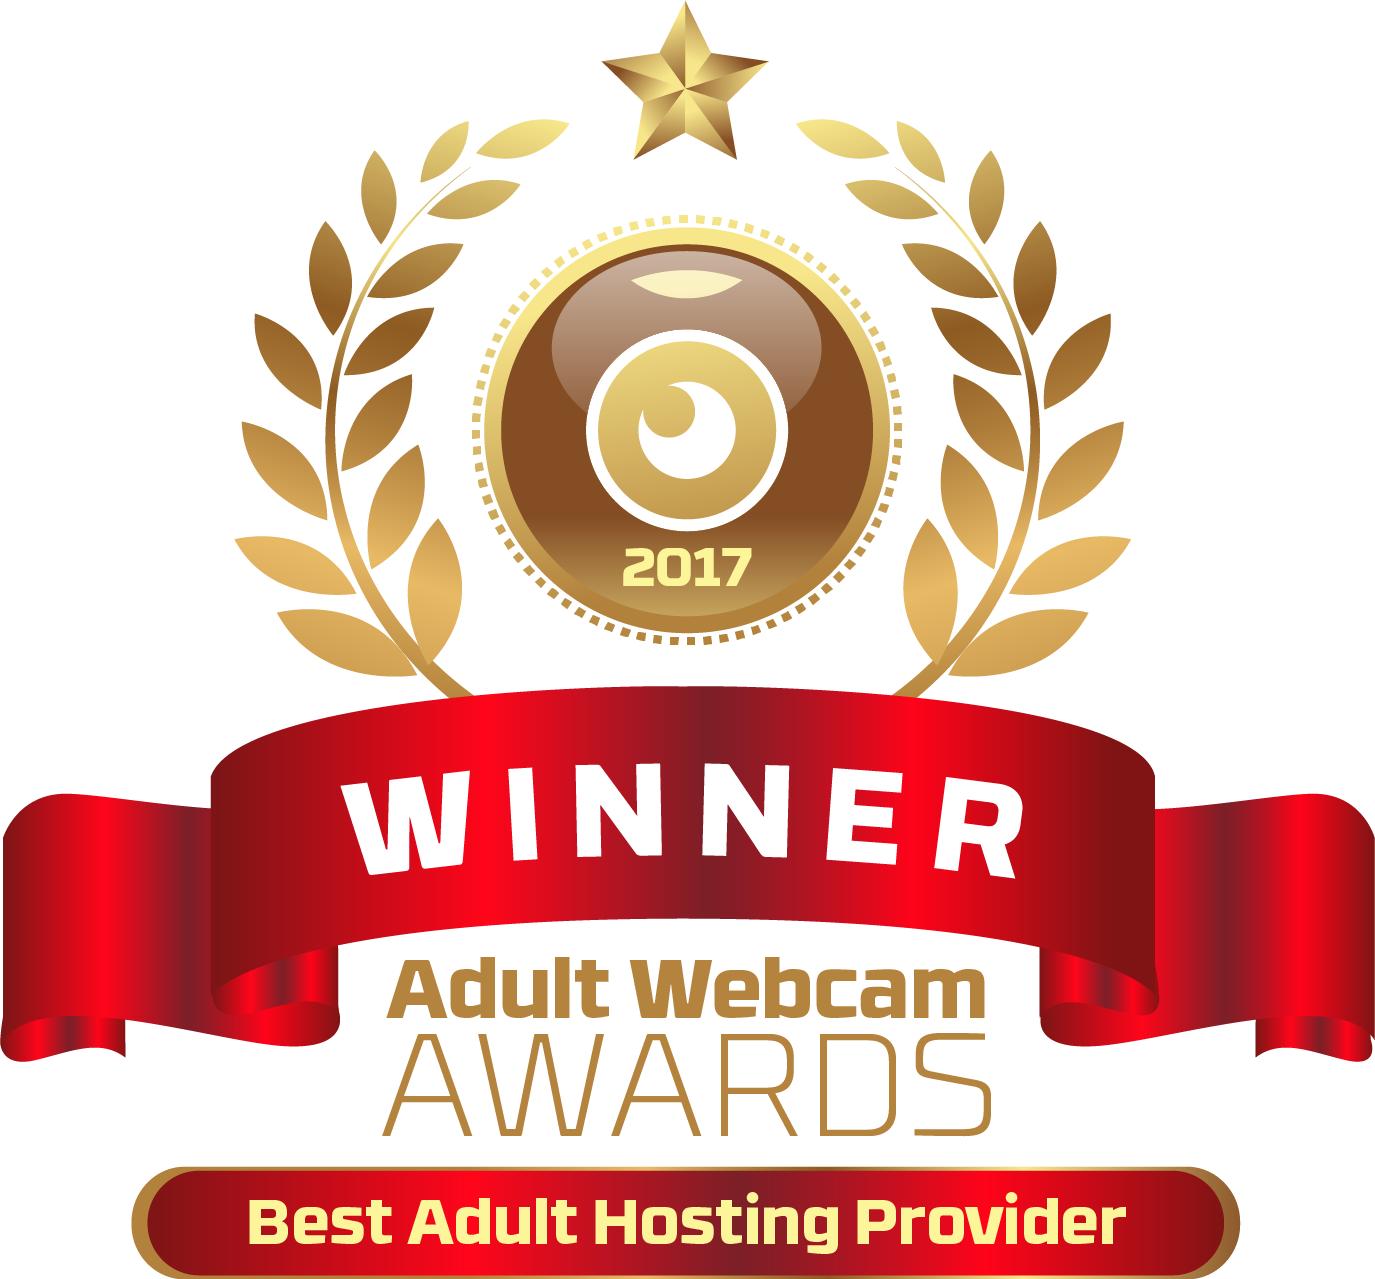 best adult hosting provider 2017 winner